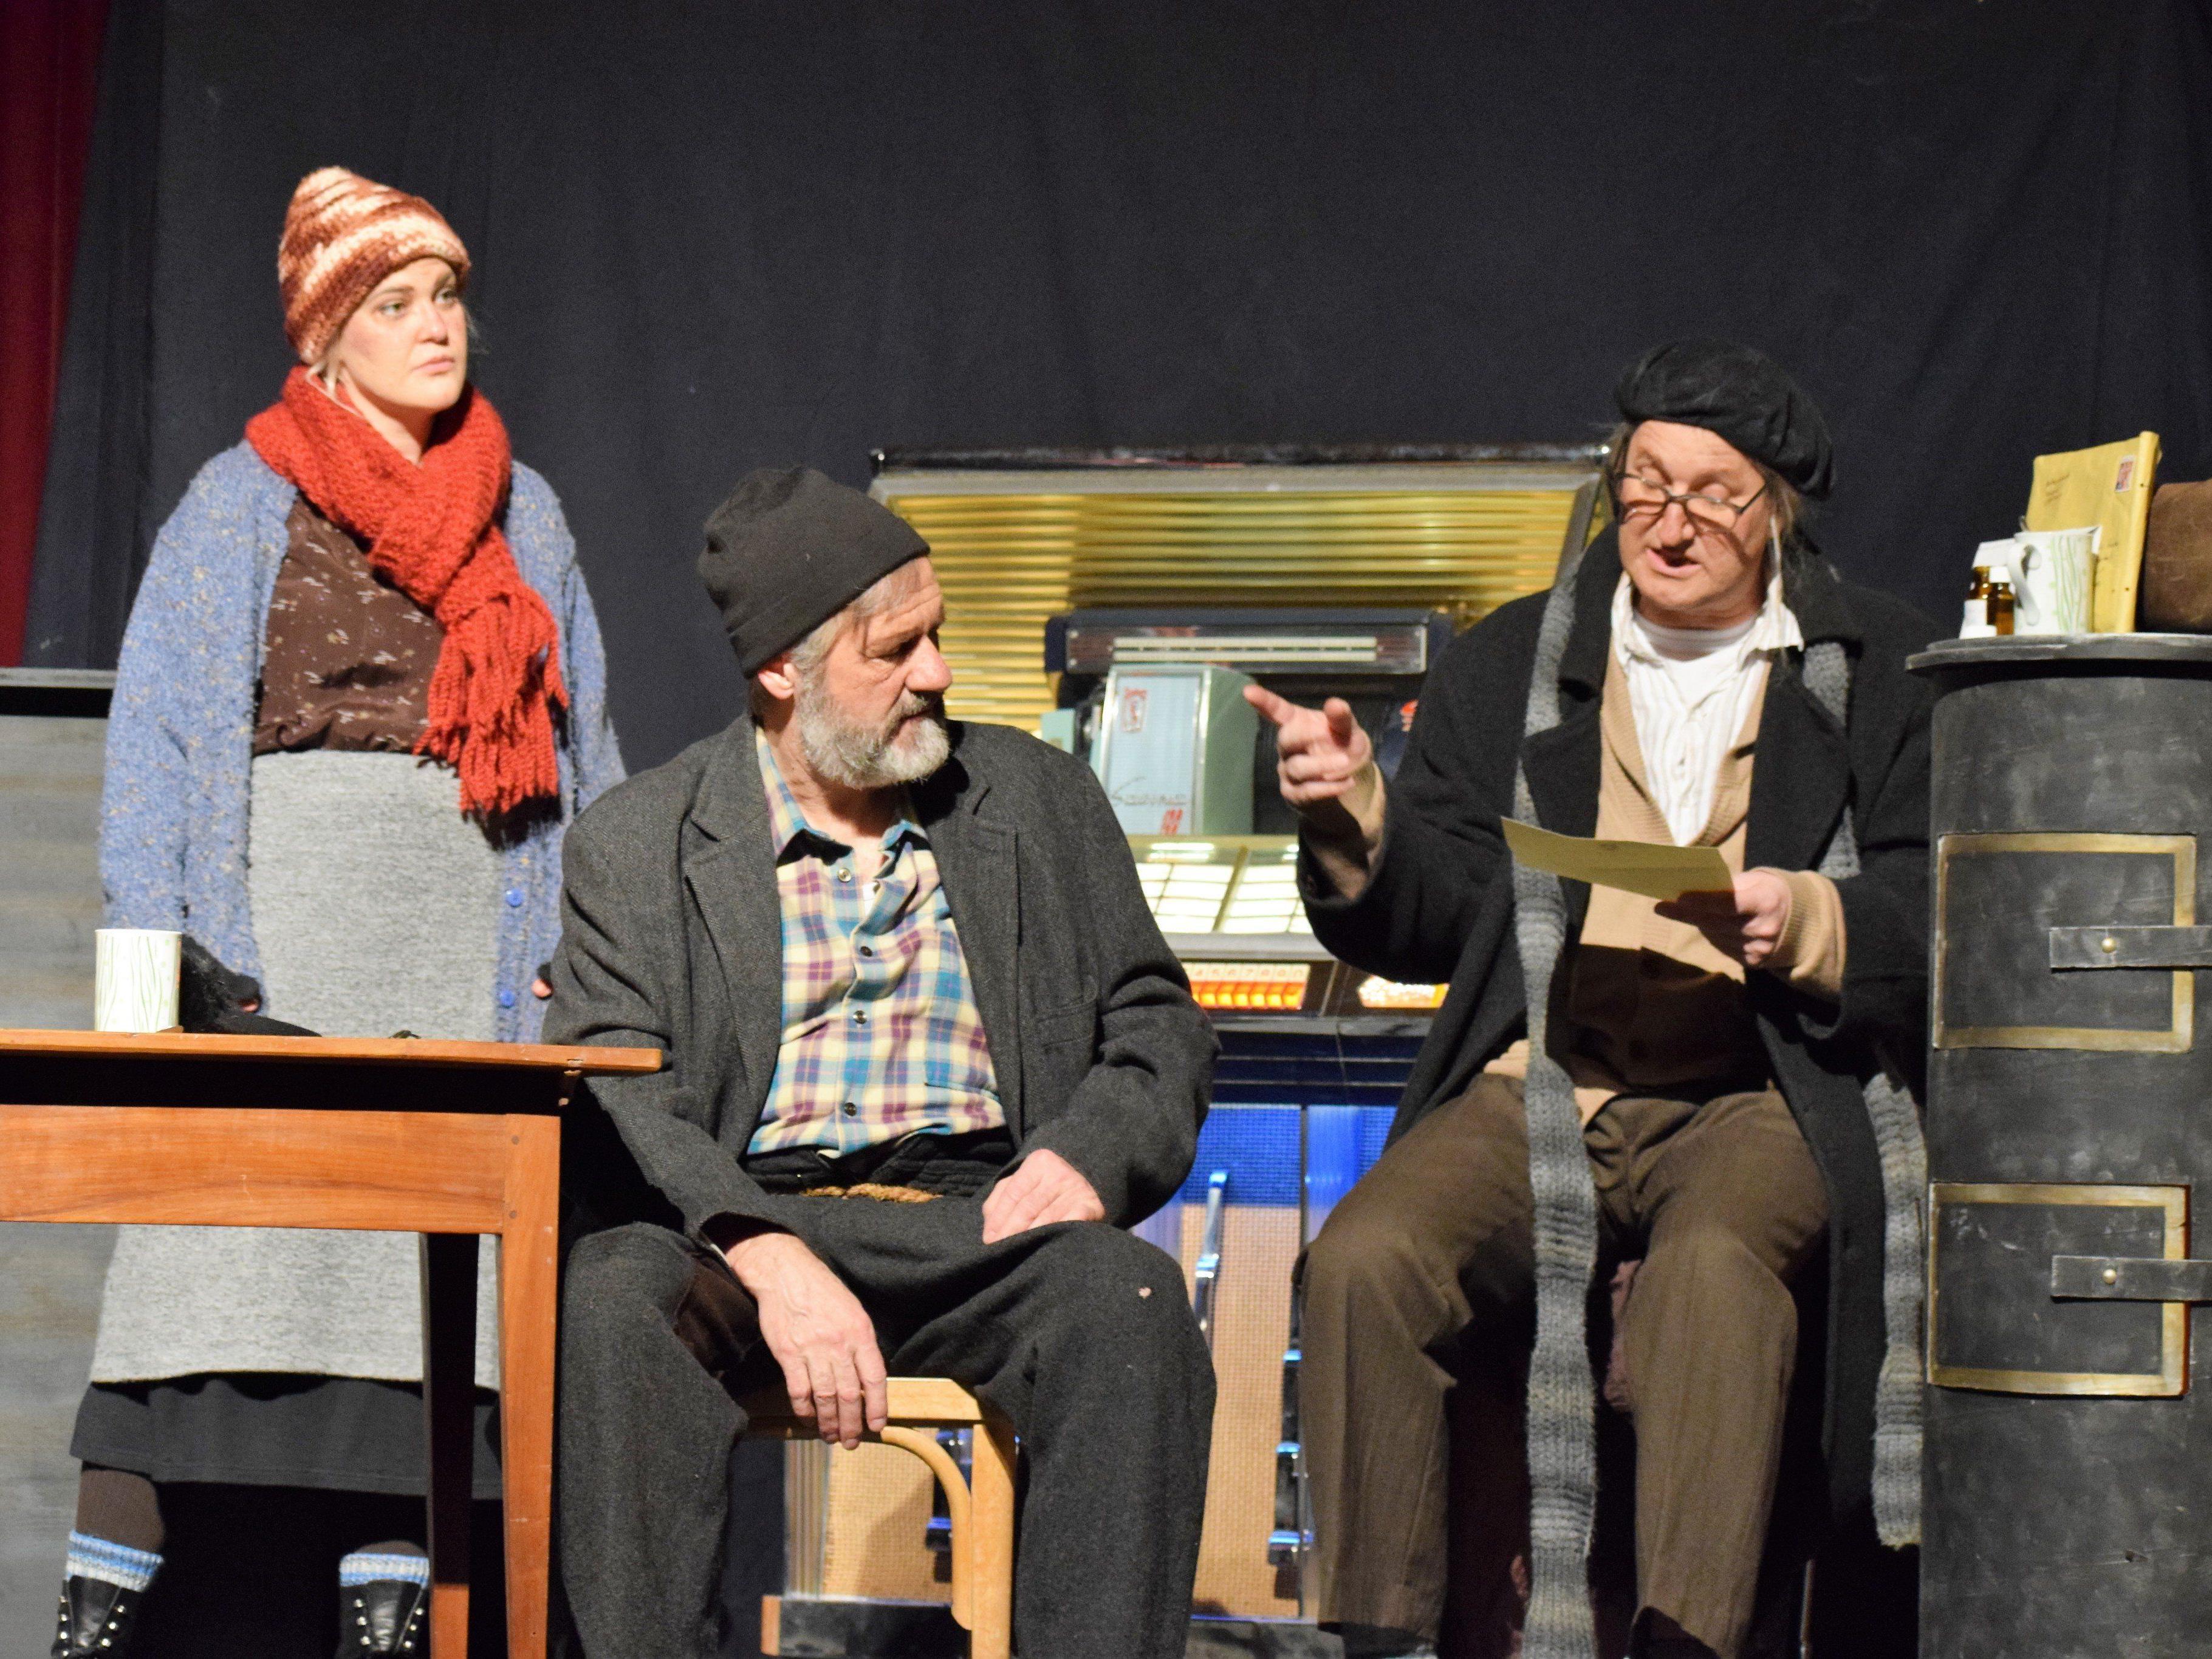 Mit einem riesigen Schlussapplaus bedankte sich das Publikum bei den Darstellern.